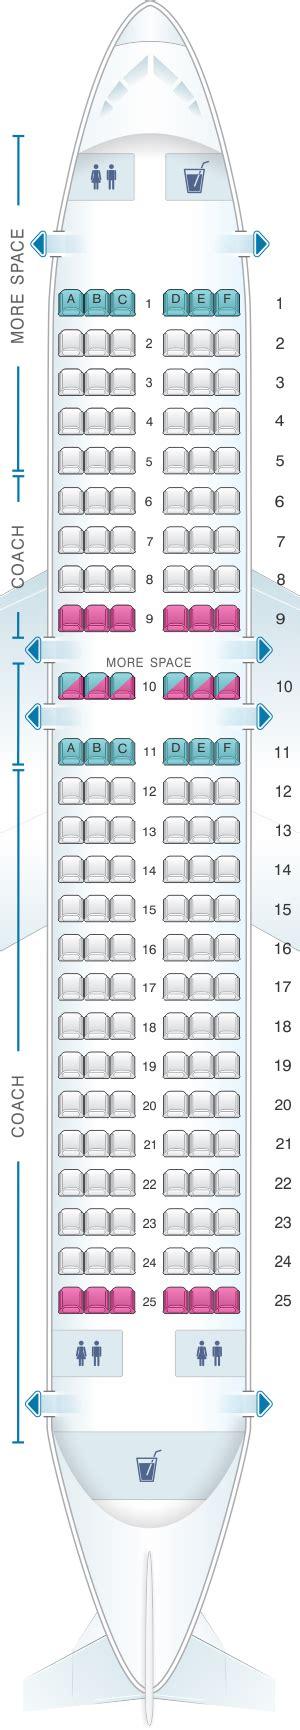 Mapa de asientos JetBlue Airways Airbus A320 - Plano del ...